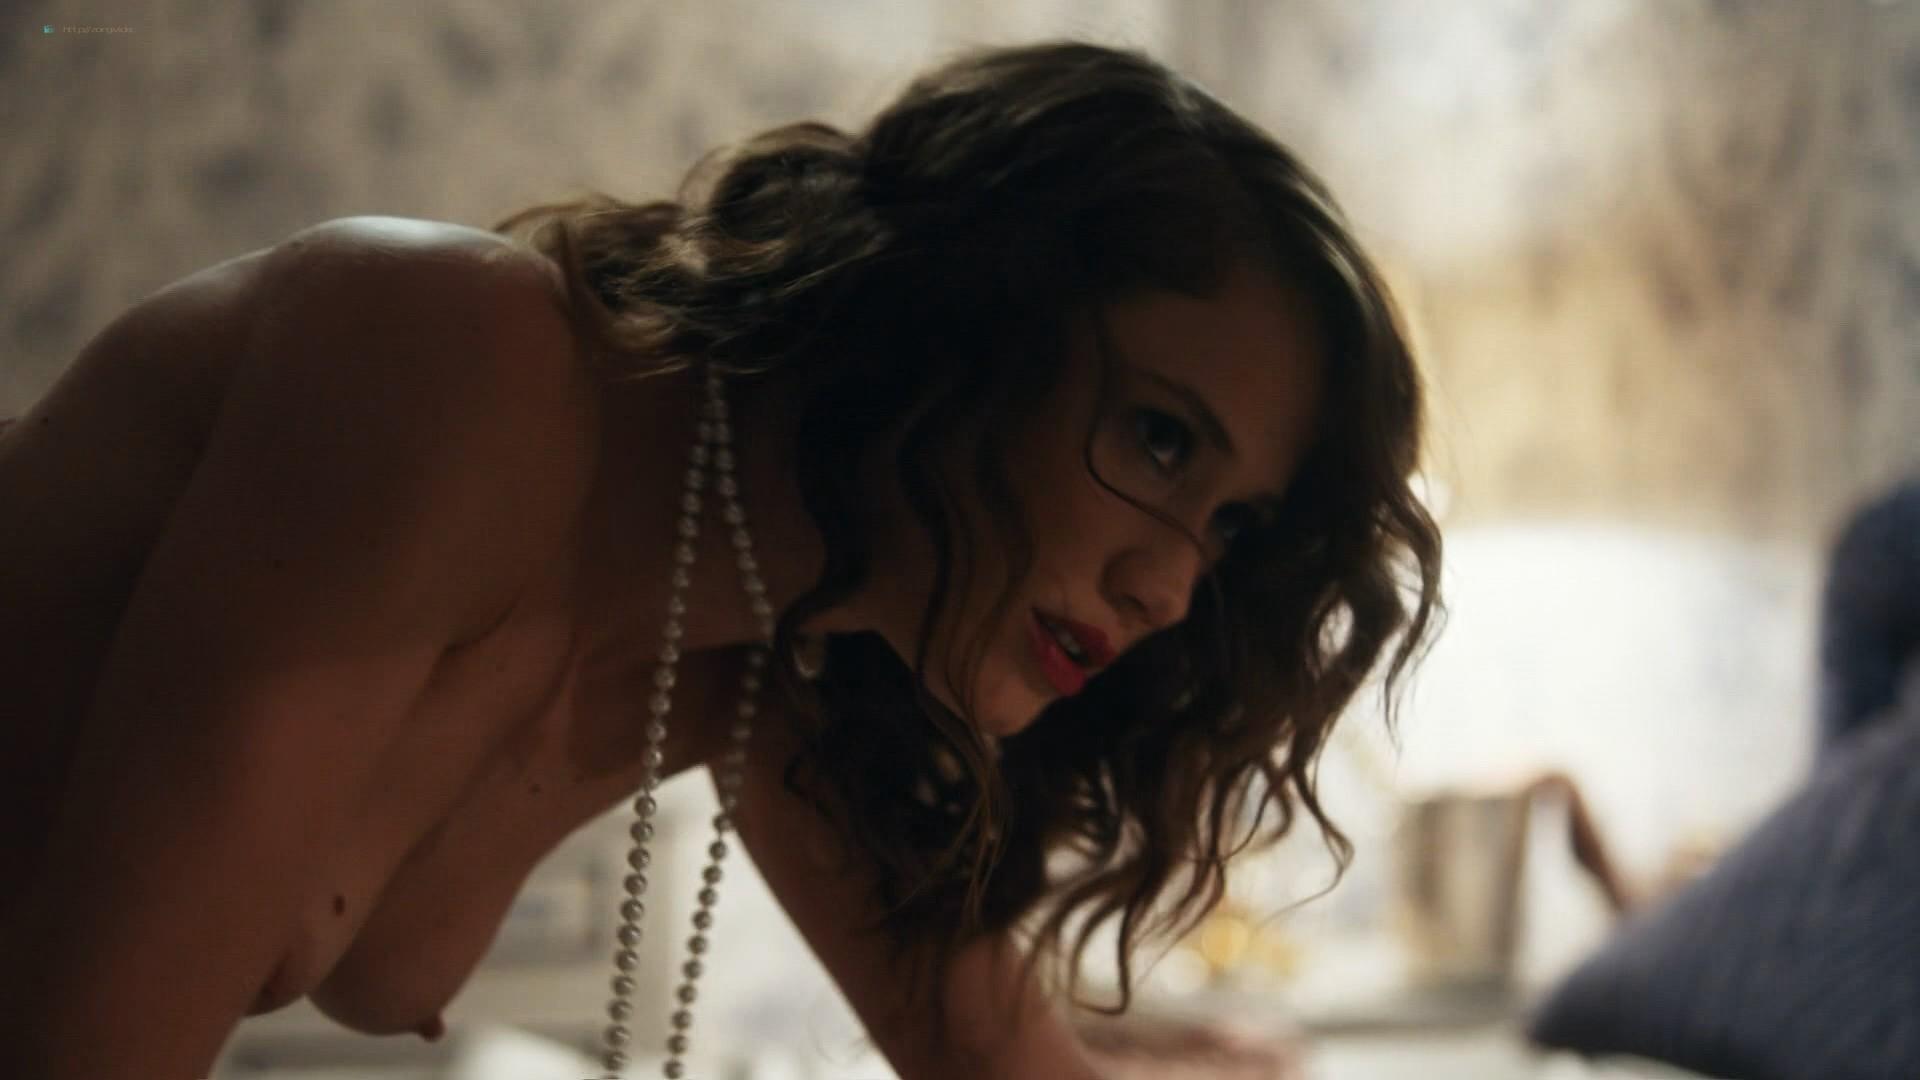 Jana Stojanovska nude sex Jovana Stojiljkovic and Marija Bergam sex - Black Sun (2017) s1e9-10 HD 1080p (6)